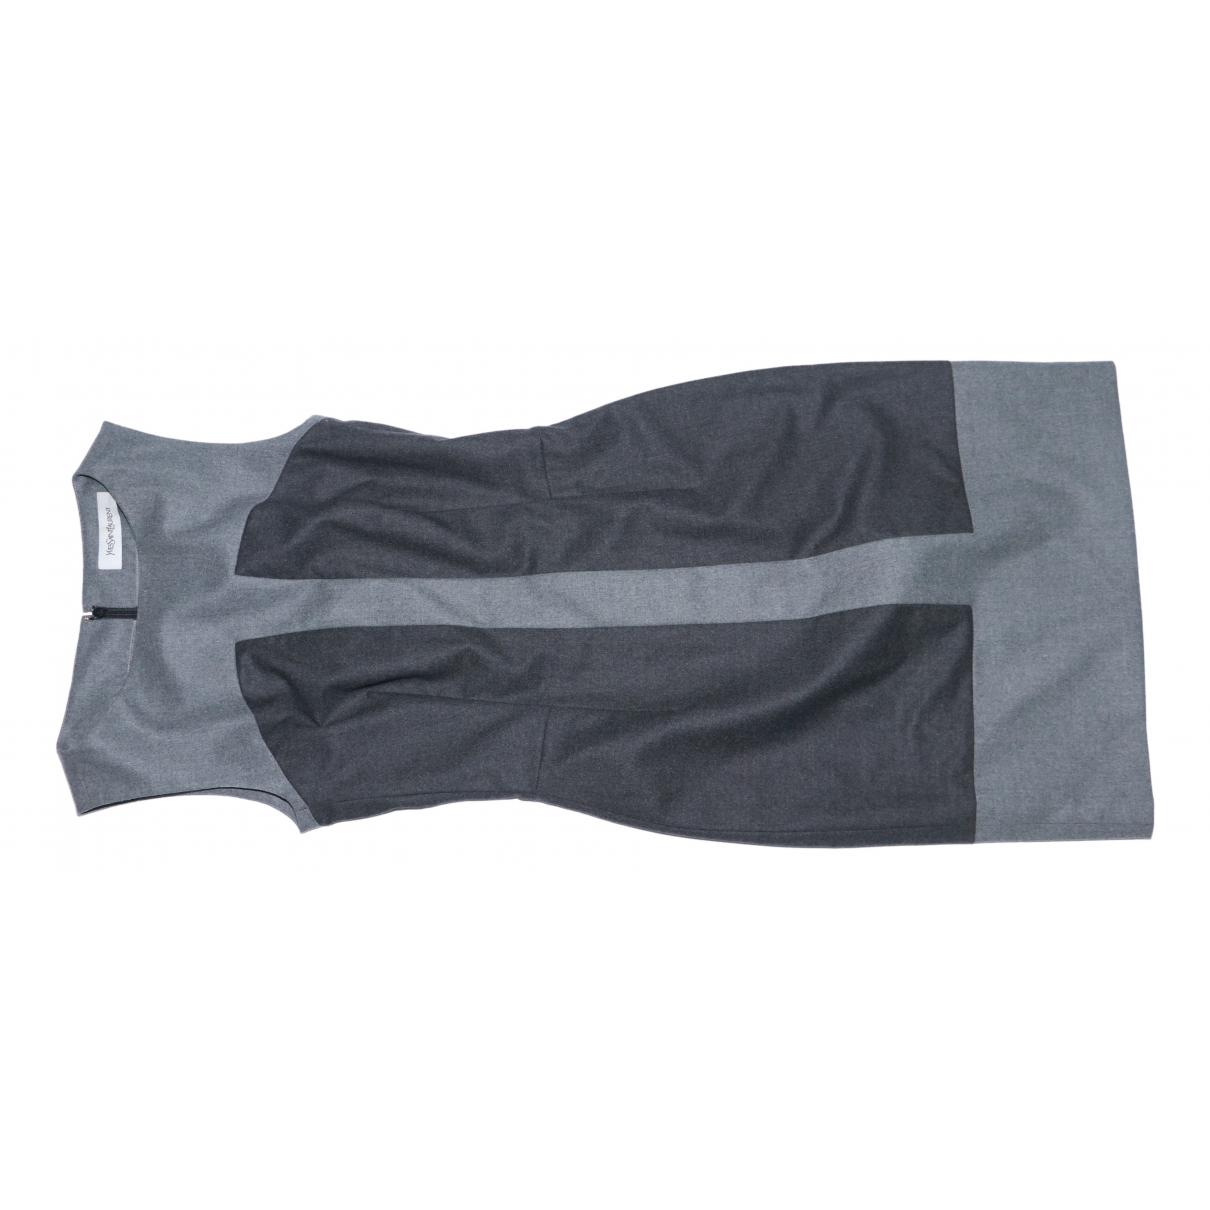 Yves Saint Laurent \N Kleid in  Grau Wolle